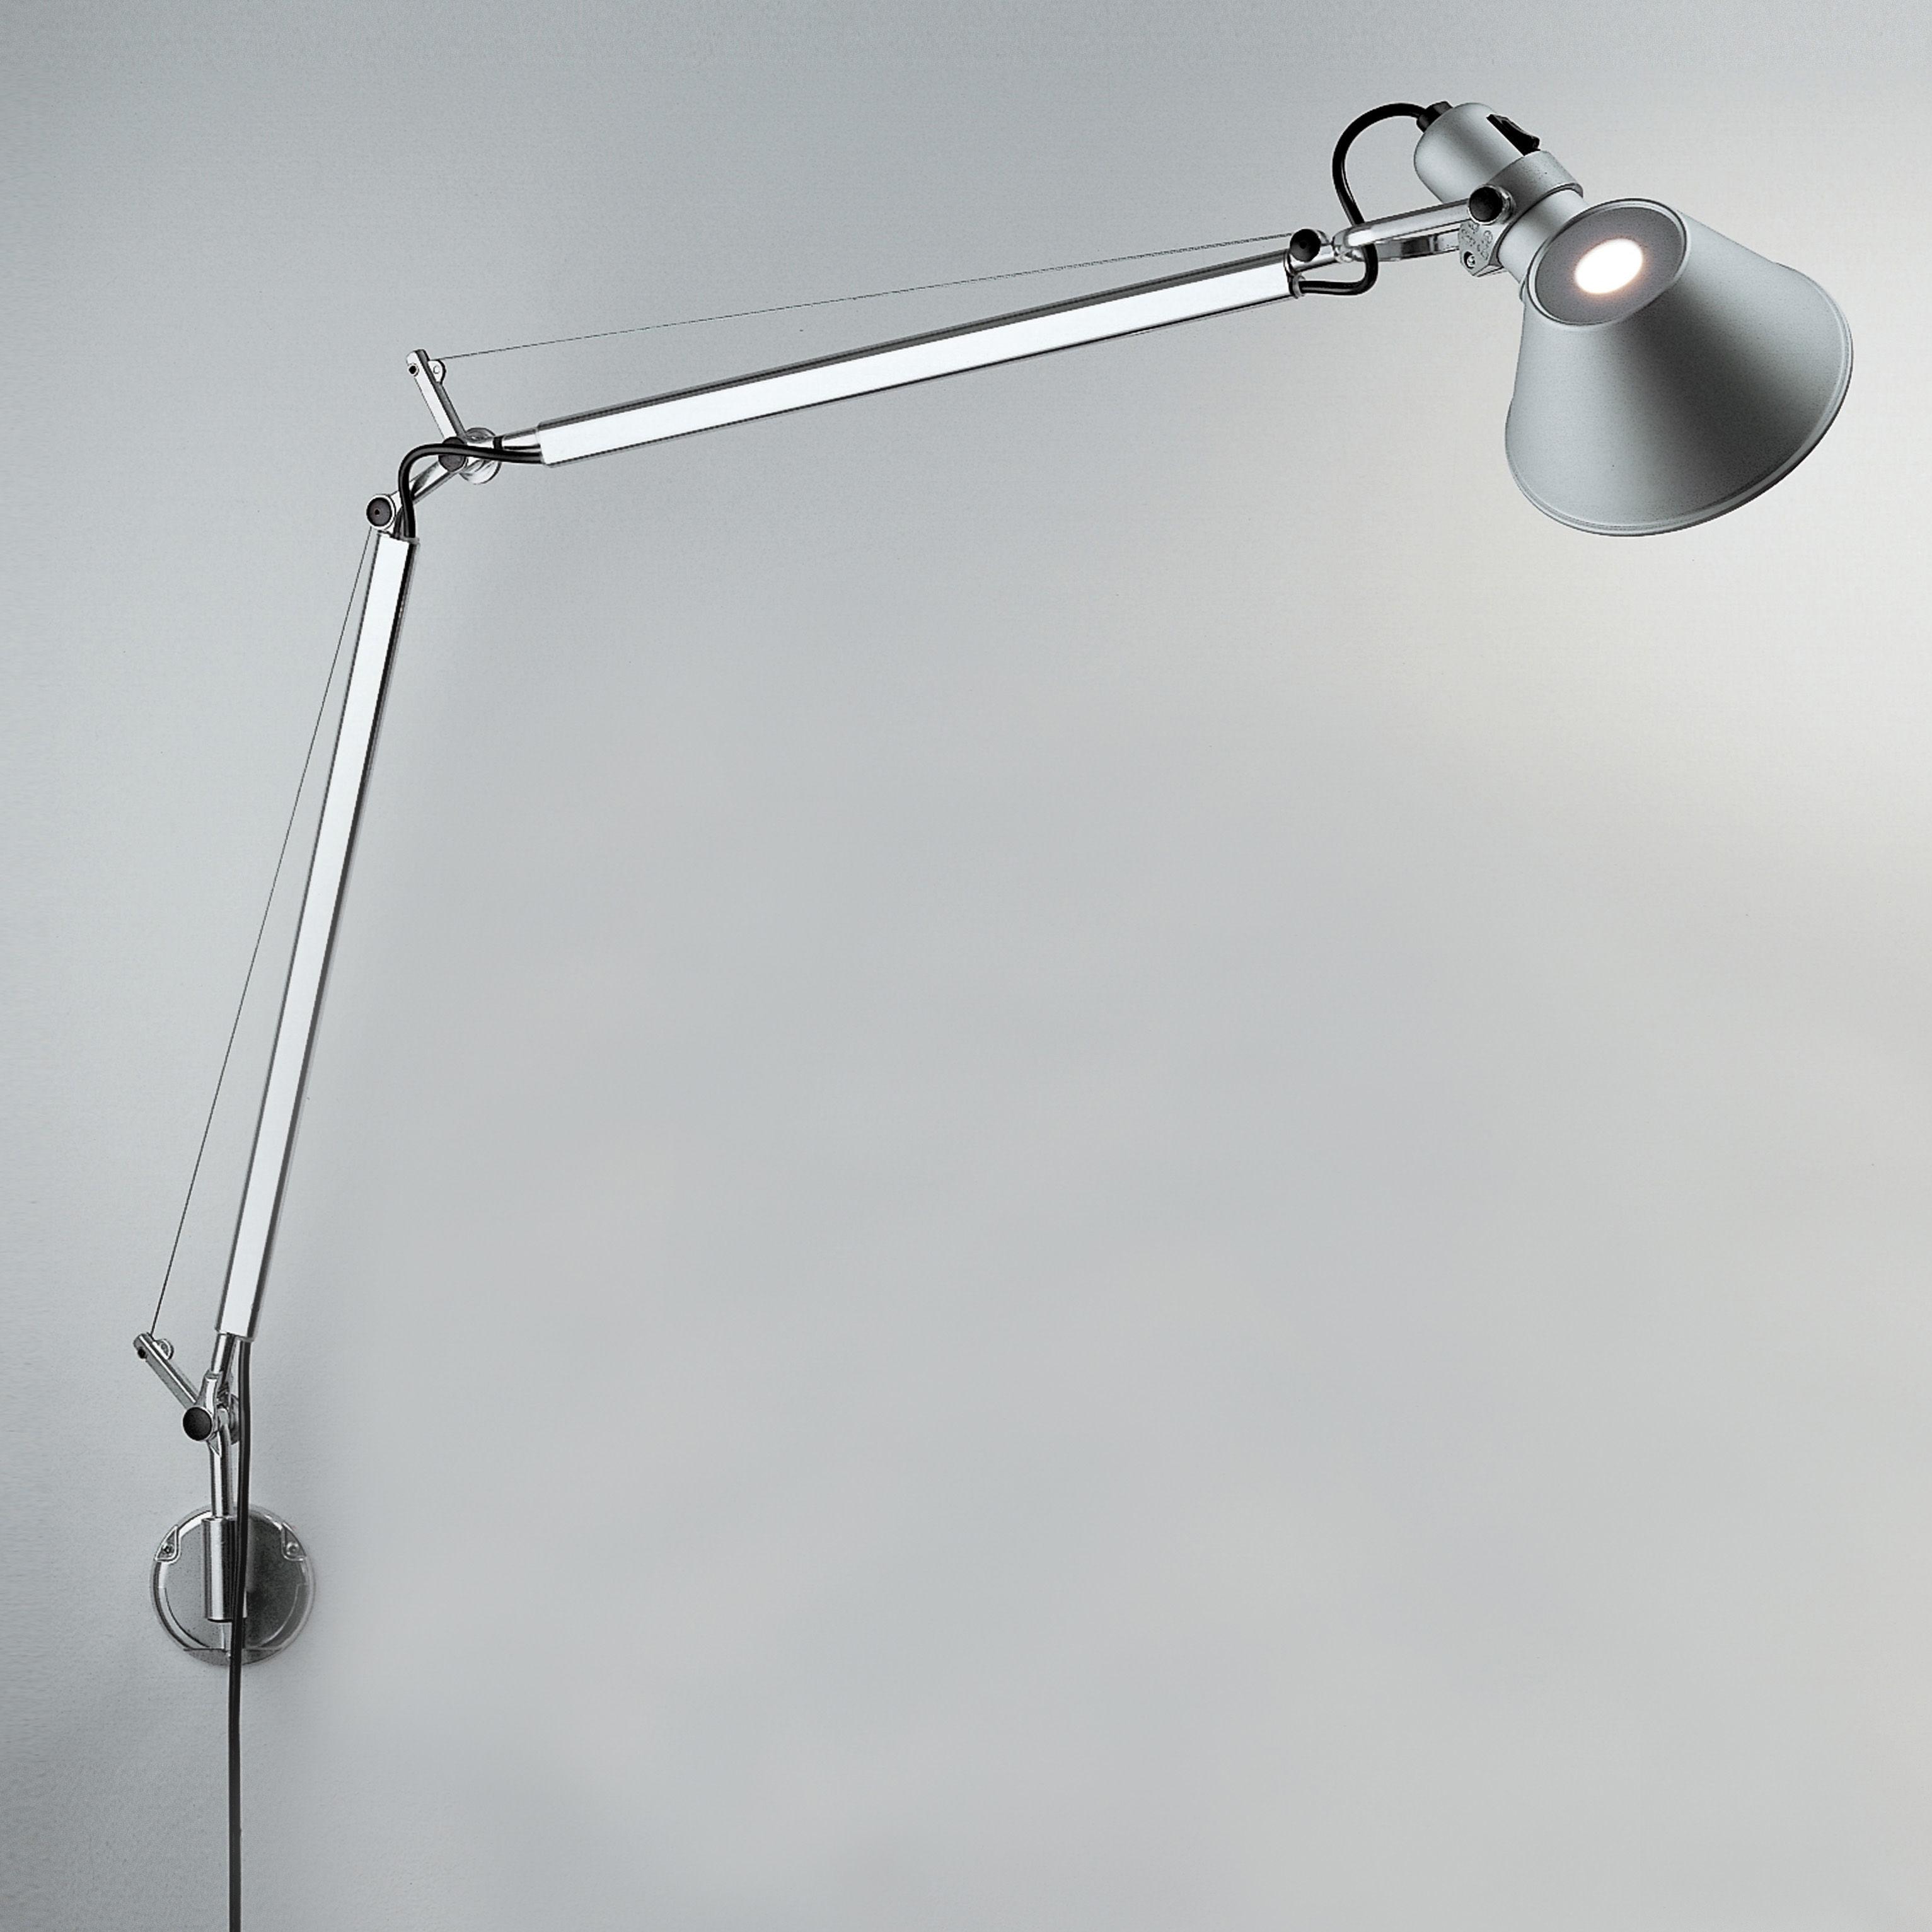 Leuchten - Wandleuchten - Tolomeo Wall LED Wandleuchte LED - mit Schwenkarm - Artemide - LED - Aluminium - Aluminium